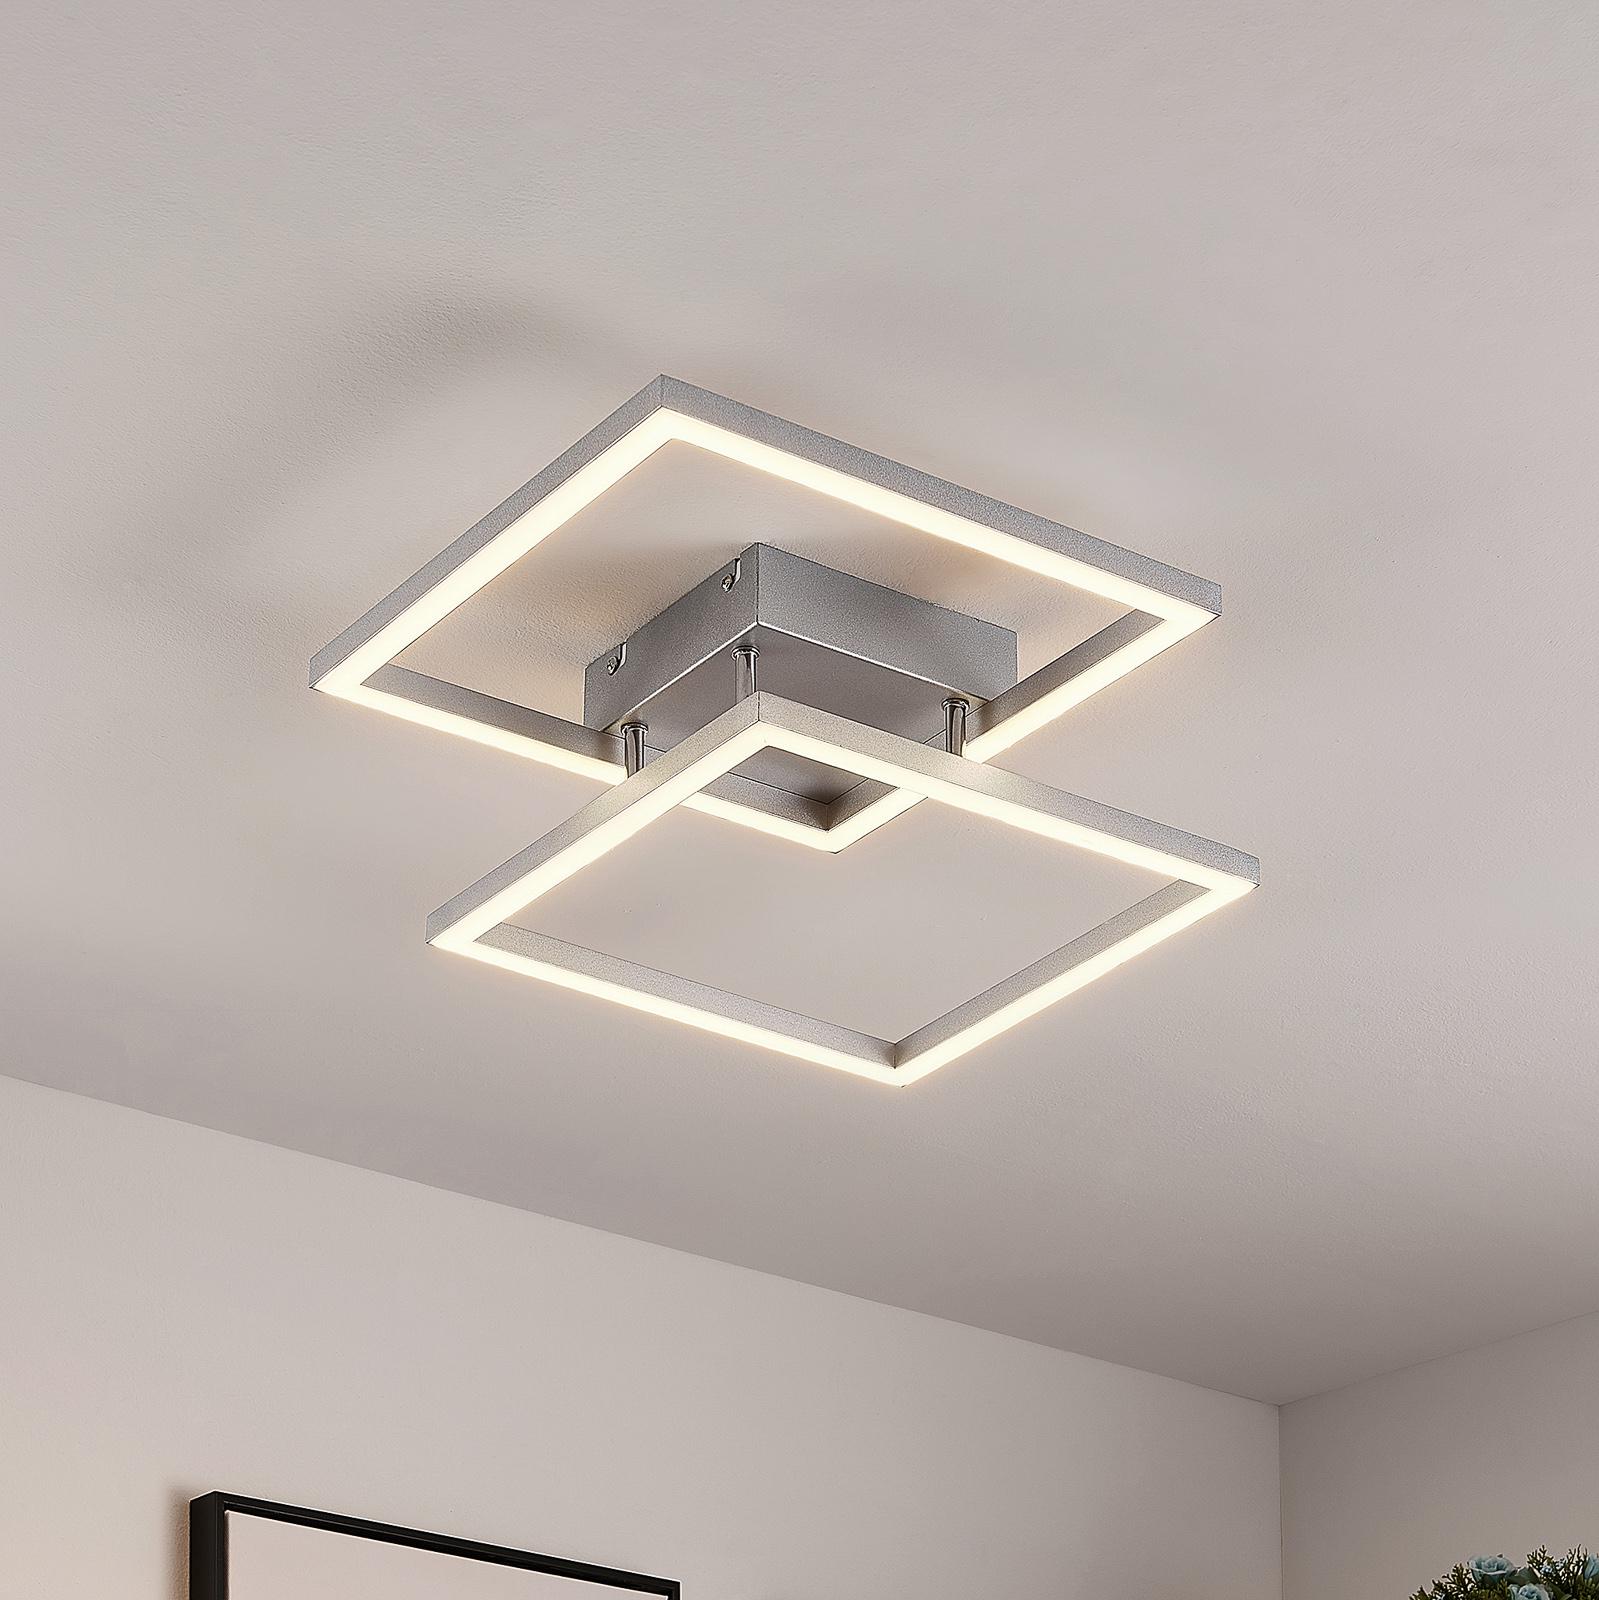 Lucande Muir LED-taklampe, kvadratisk